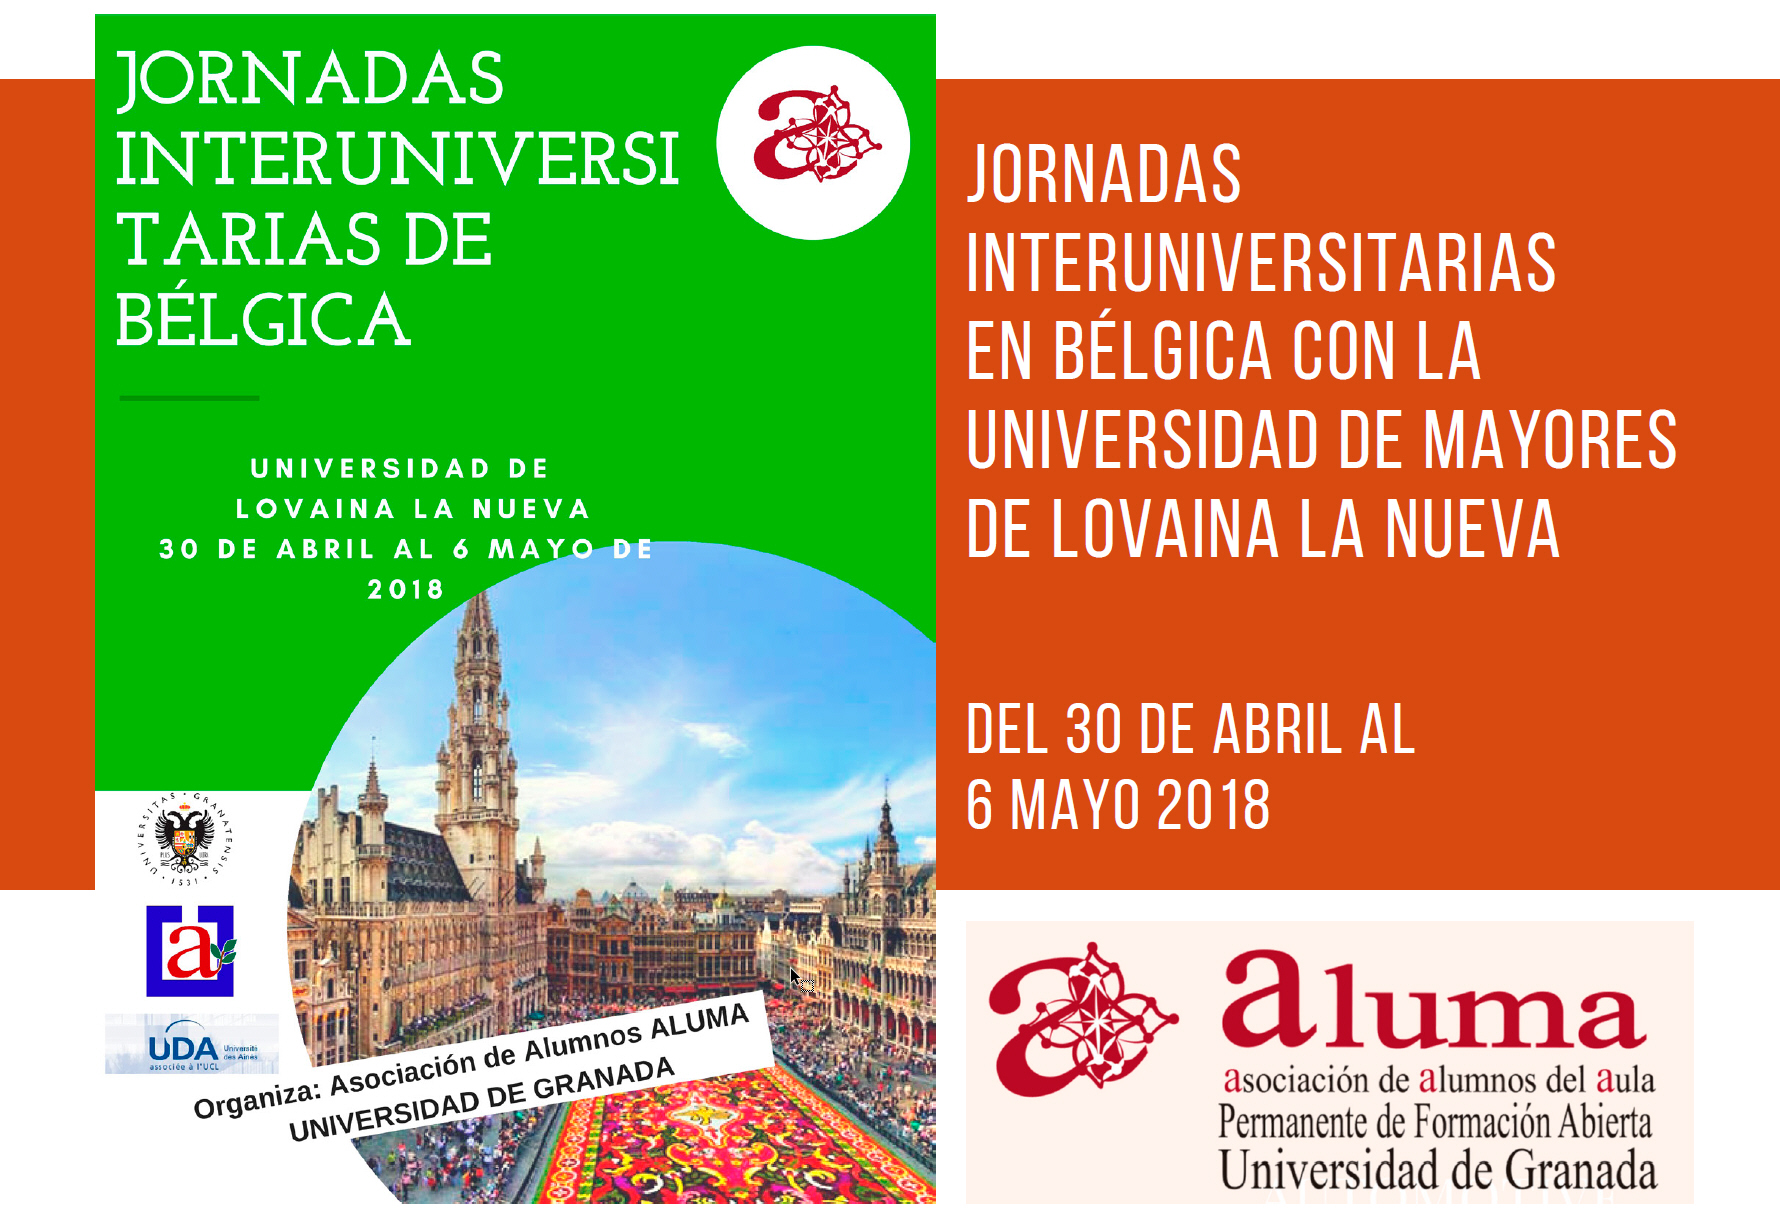 Jornadas Interuniversitarias en Bélgica con la Universidad de ...